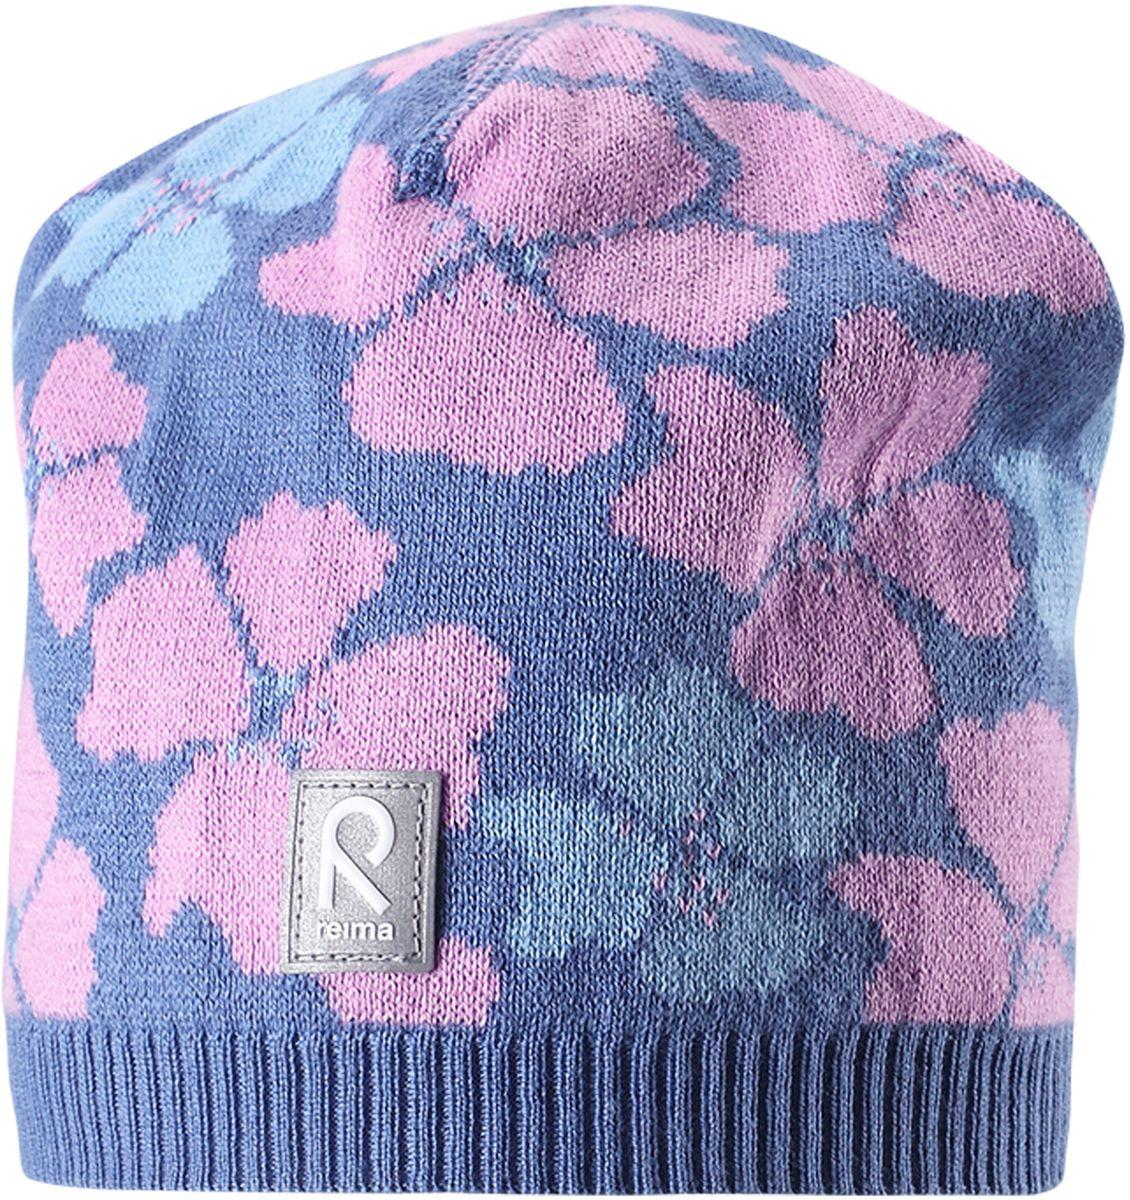 Шапка детская5285230100Удобная детская шапка яркой расцветки рассчитана на межсезонье, в ней можно и поиграть во дворе, и прогуляться по городу. Она изготовлена из мягкого и комфортного вязаного хлопка. Эта облегченная модель без подкладки идеально подходит для солнечной погоды. Яркий сплошной жаккардовый узор будет отлично смотреться.